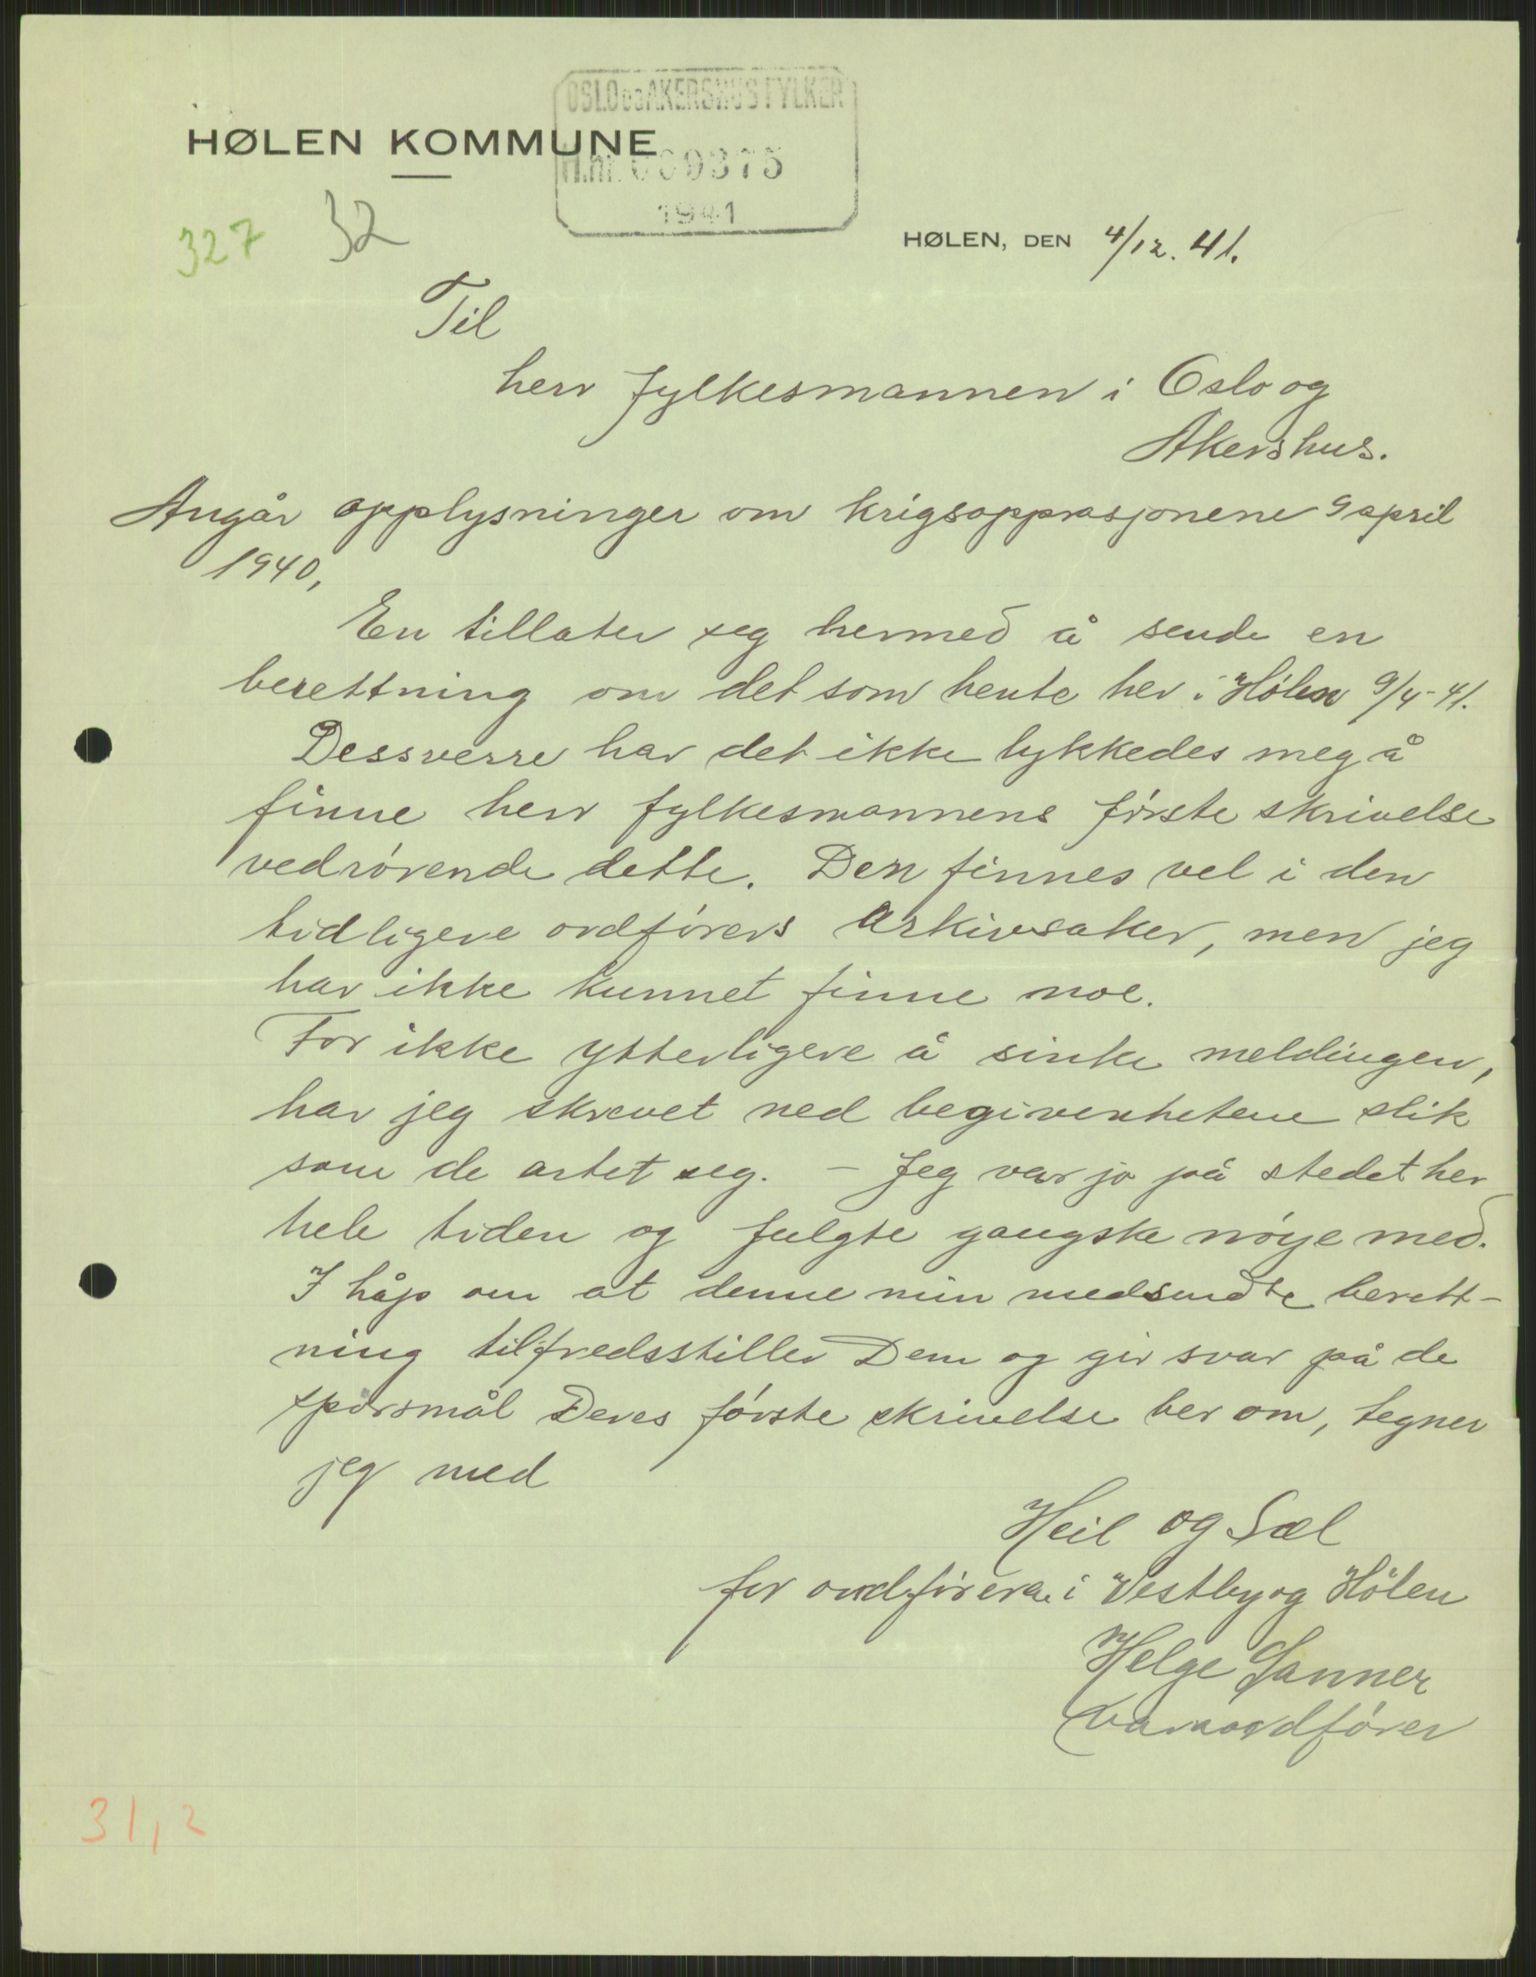 RA, Forsvaret, Forsvarets krigshistoriske avdeling, Y/Ya/L0013: II-C-11-31 - Fylkesmenn.  Rapporter om krigsbegivenhetene 1940., 1940, s. 756